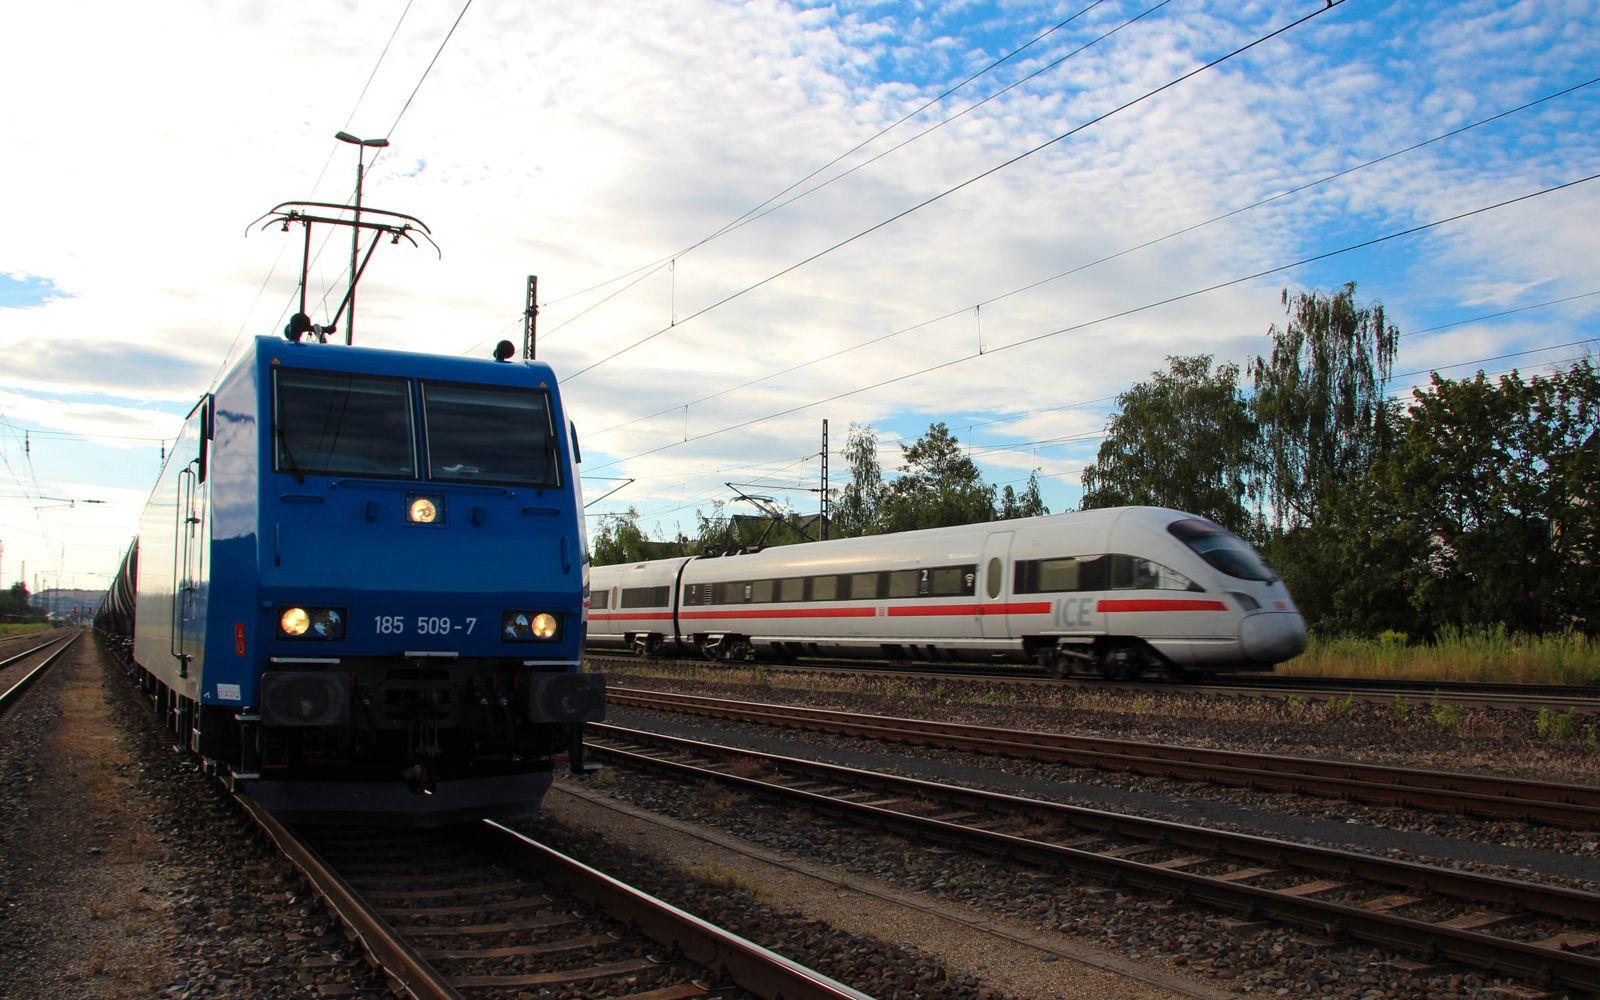 ©Foto: Denis Herwig | railmen | Lokführer im Dienst für InfraLeuna | ICE der Deutschen Bahn überholt Gütertransport mit Kesselwagen bei Eisenach